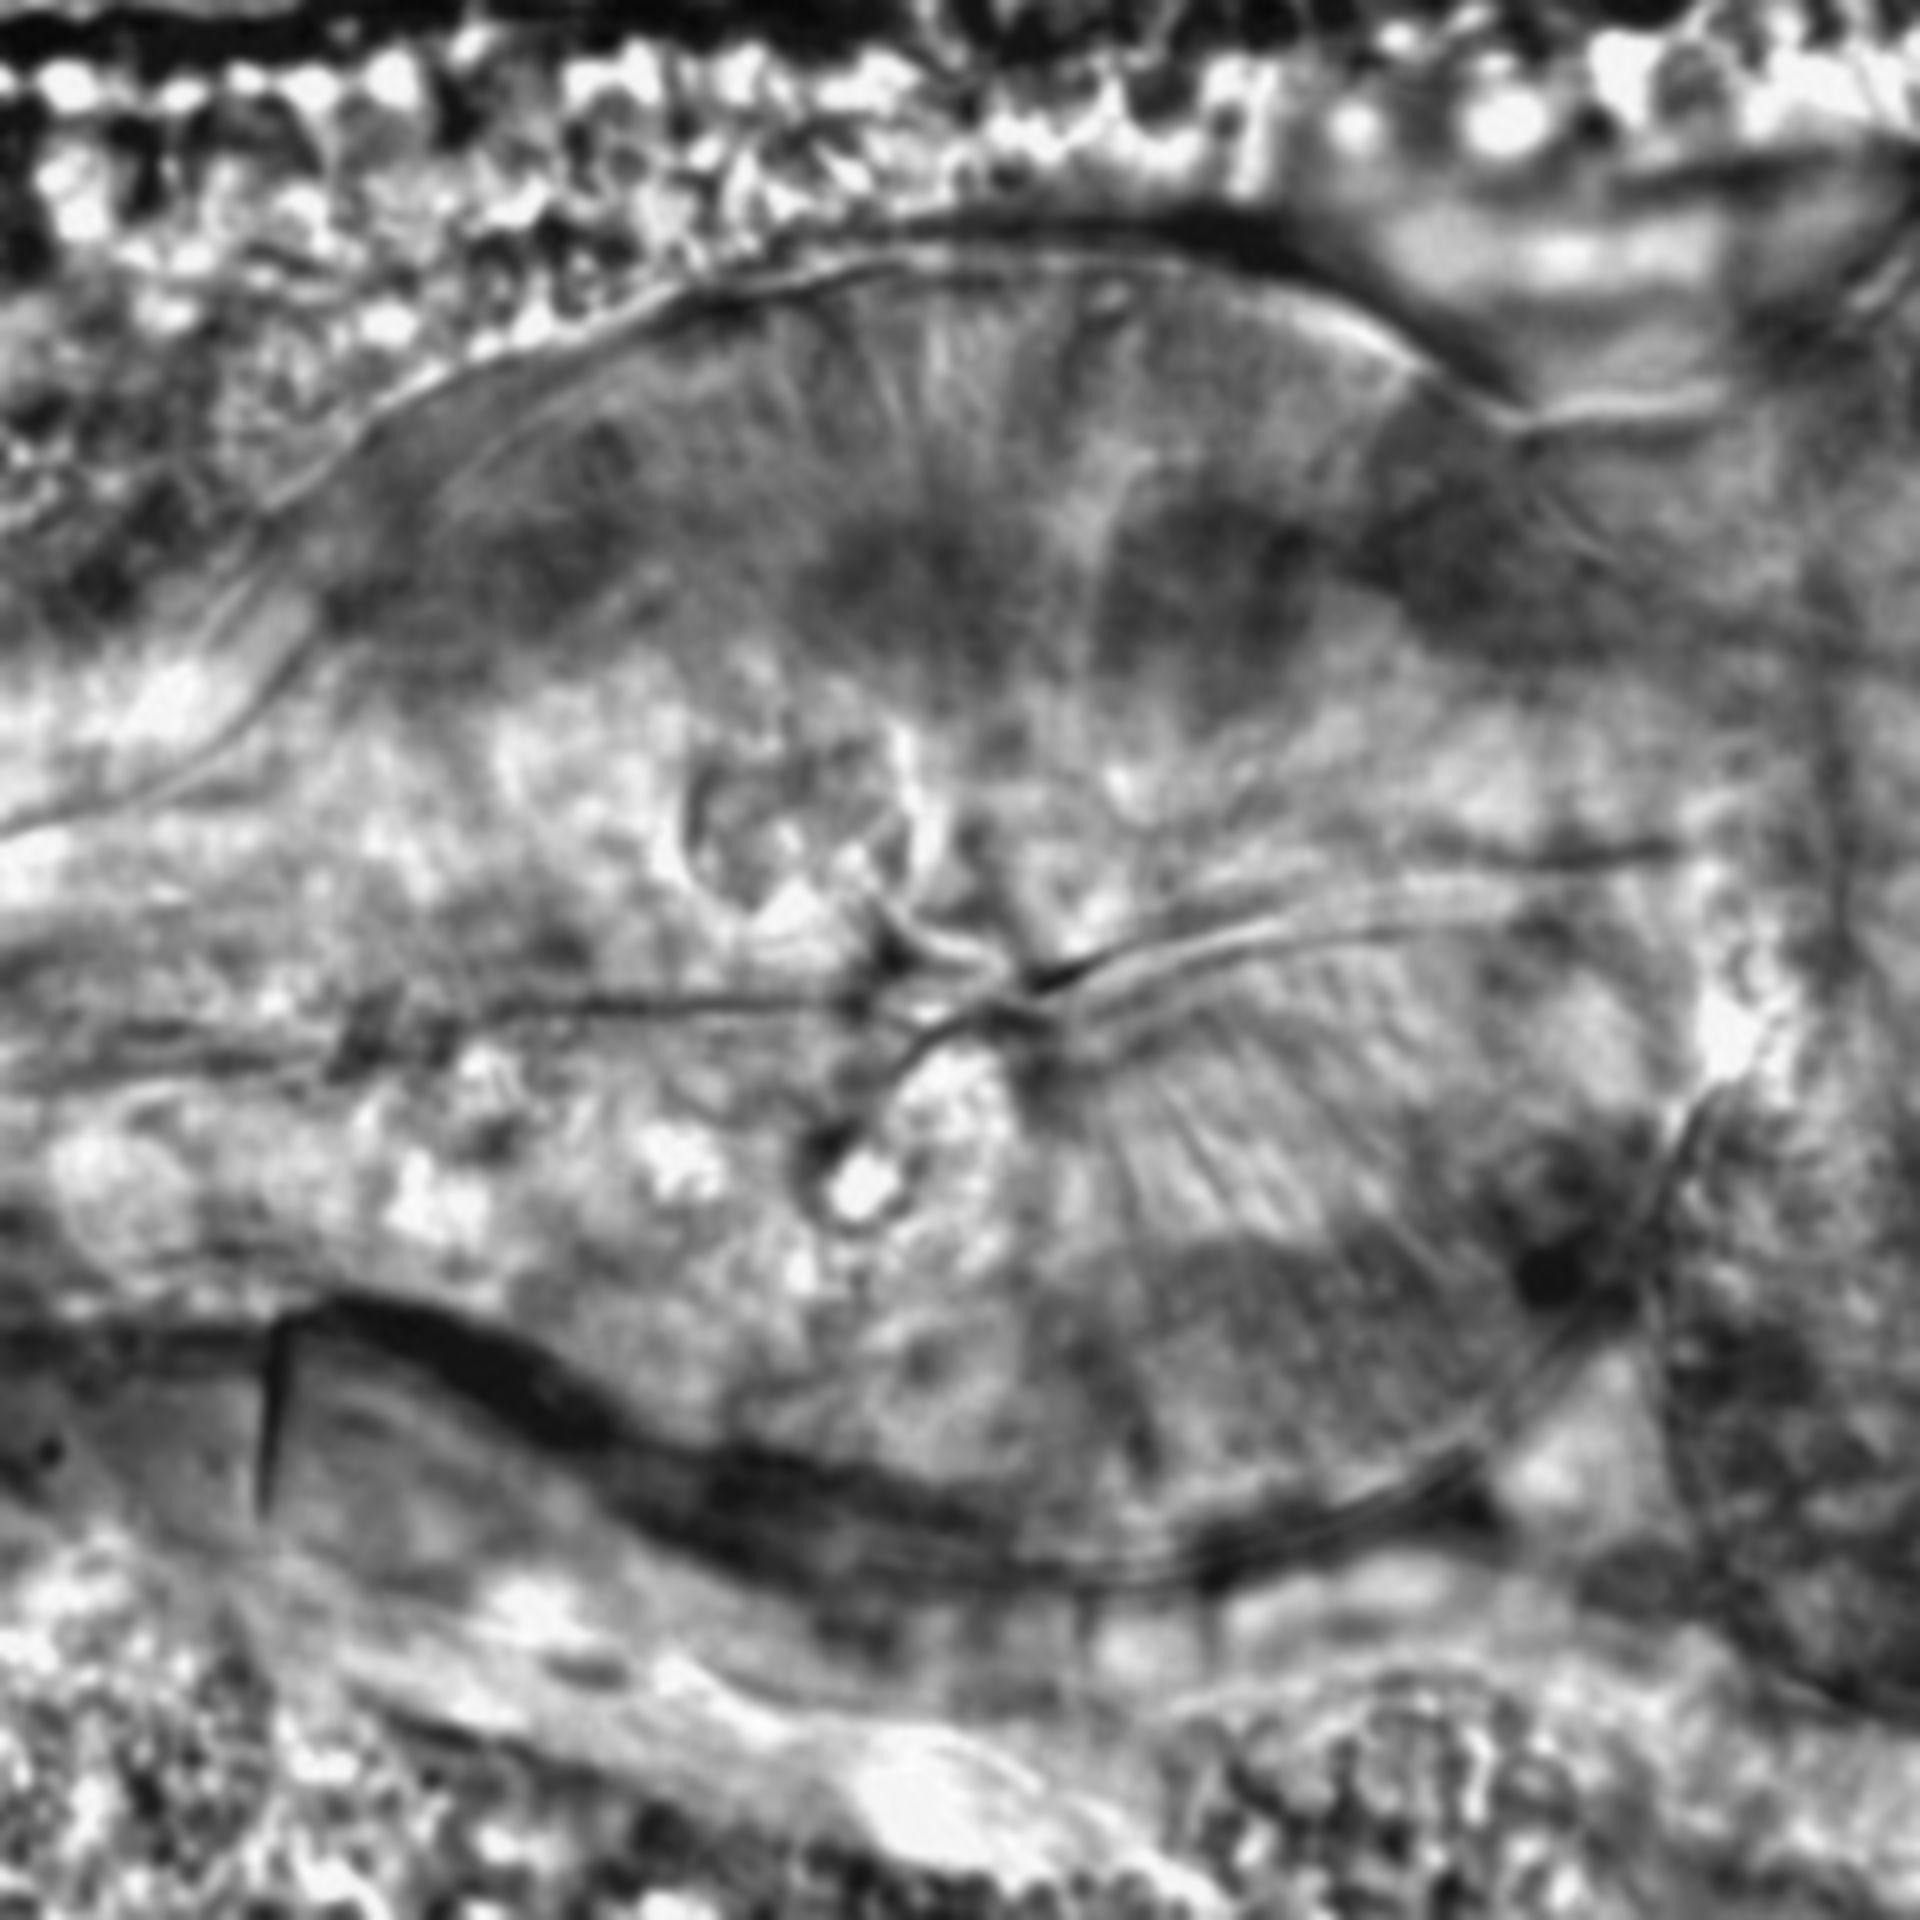 Caenorhabditis elegans - CIL:2000